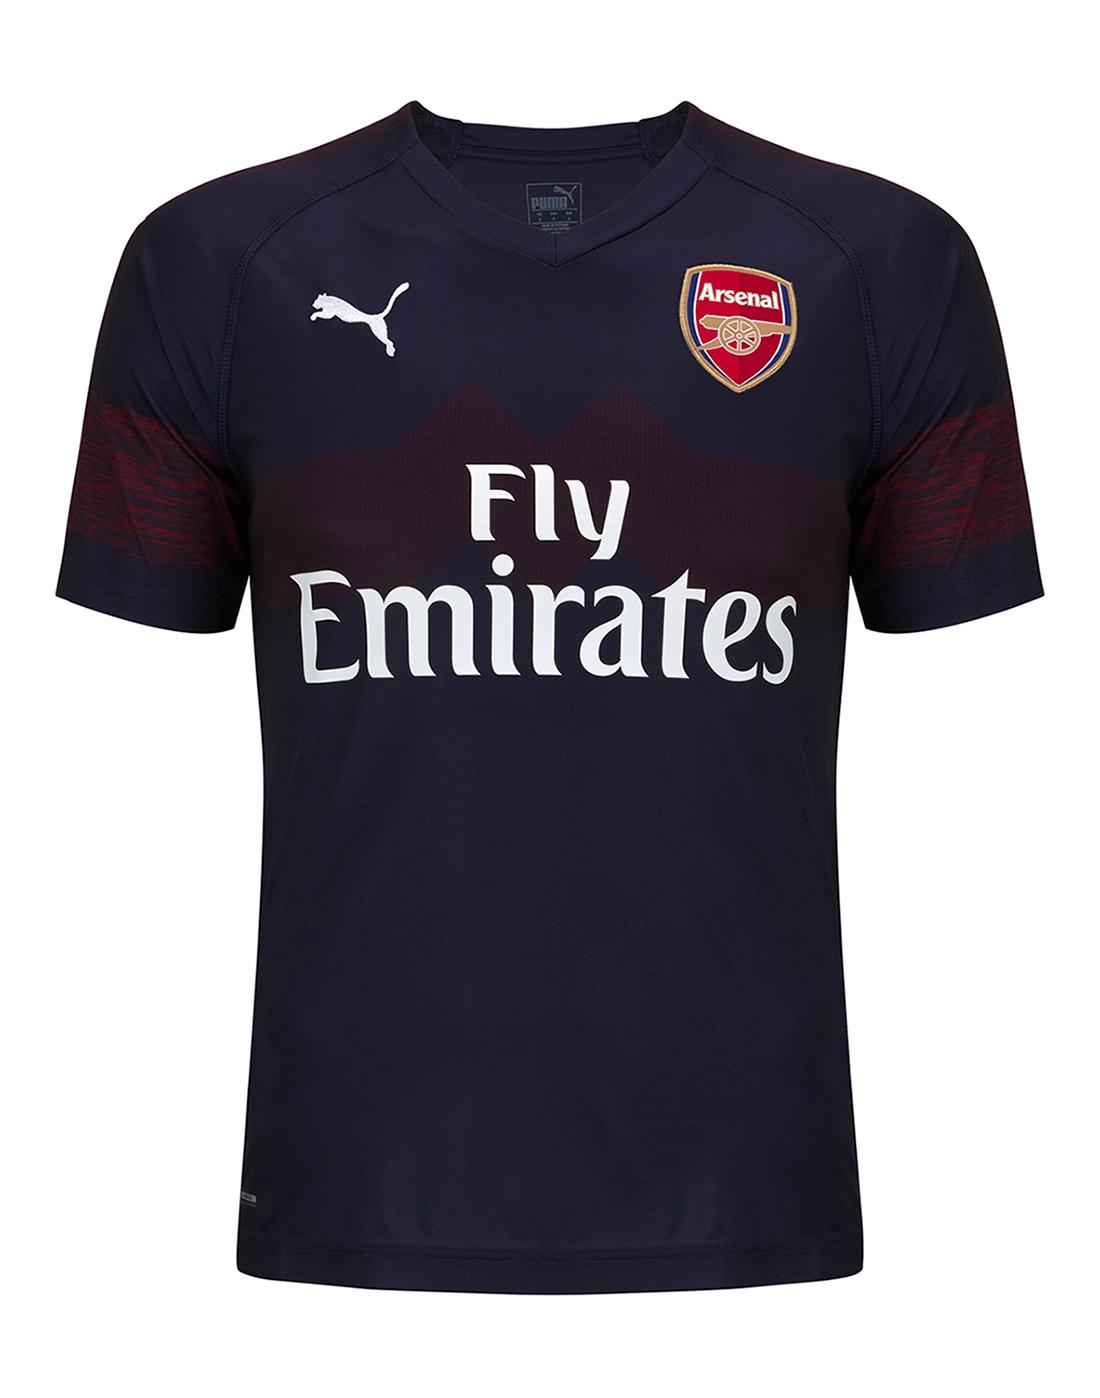 new style 21858 070a6 Arsenal 18/19 Away Jersey | Puma | Life Style Sports